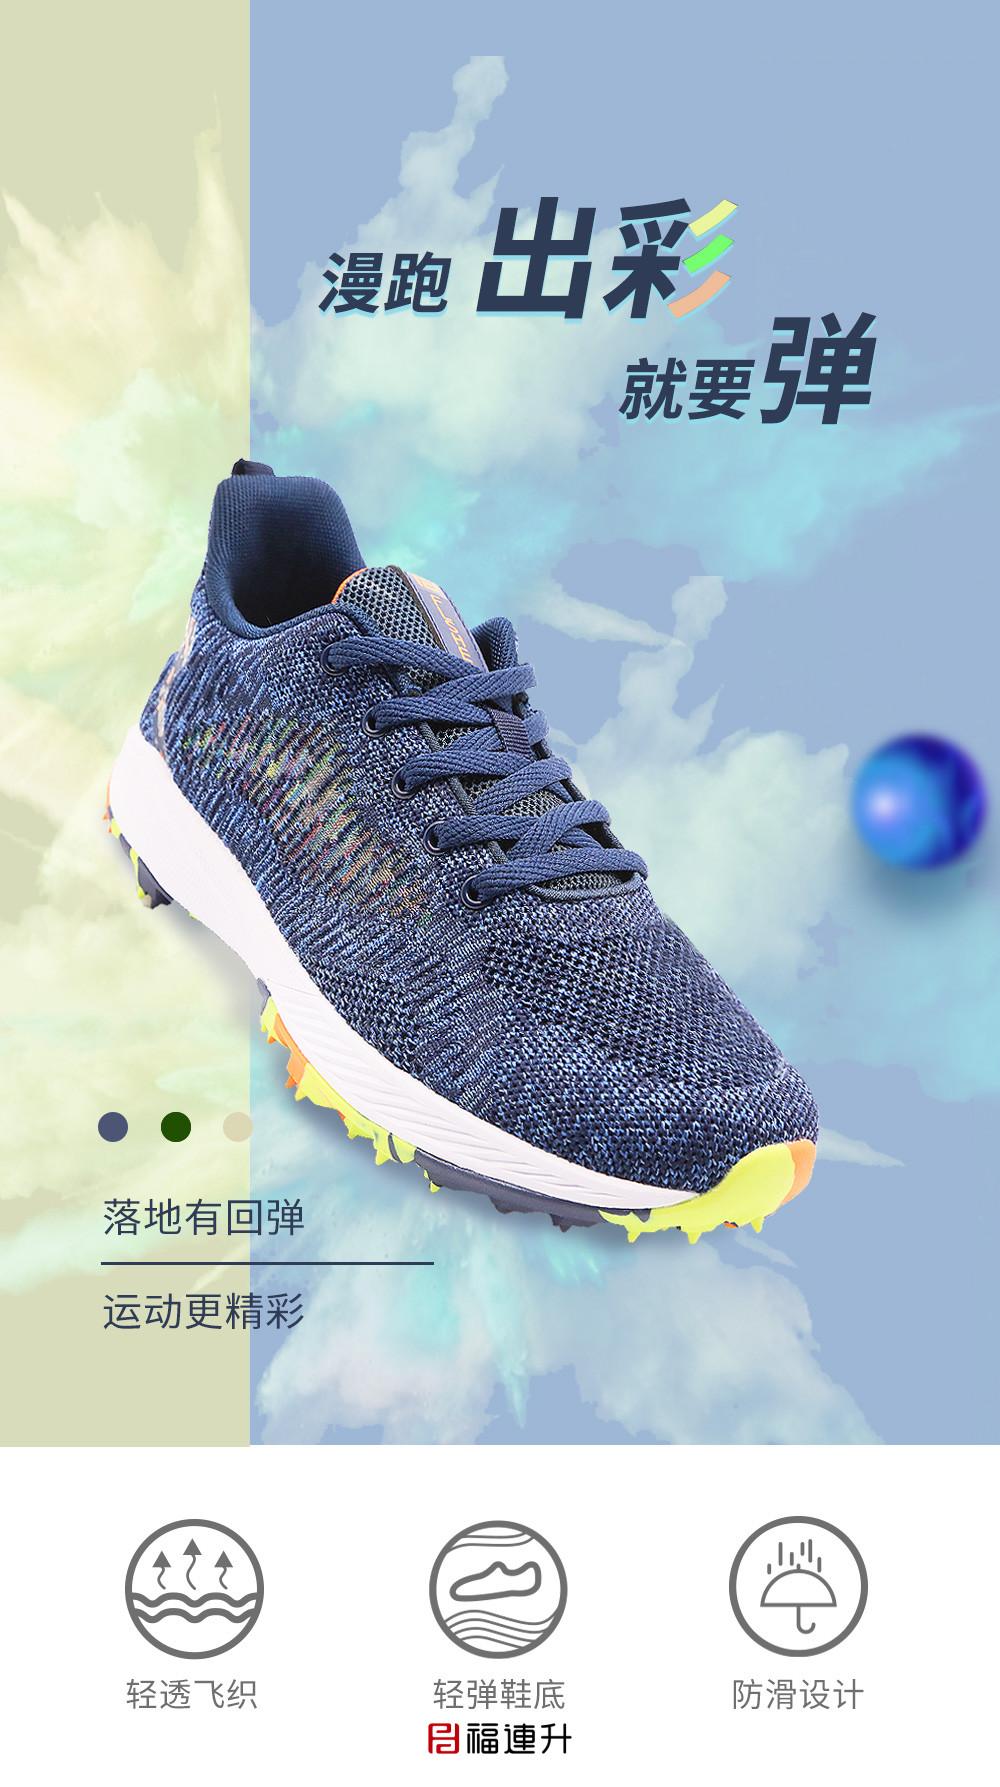 福连升夏时尚休闲潮流运动鞋 炫彩橡塑底飞织透气鞋面图片